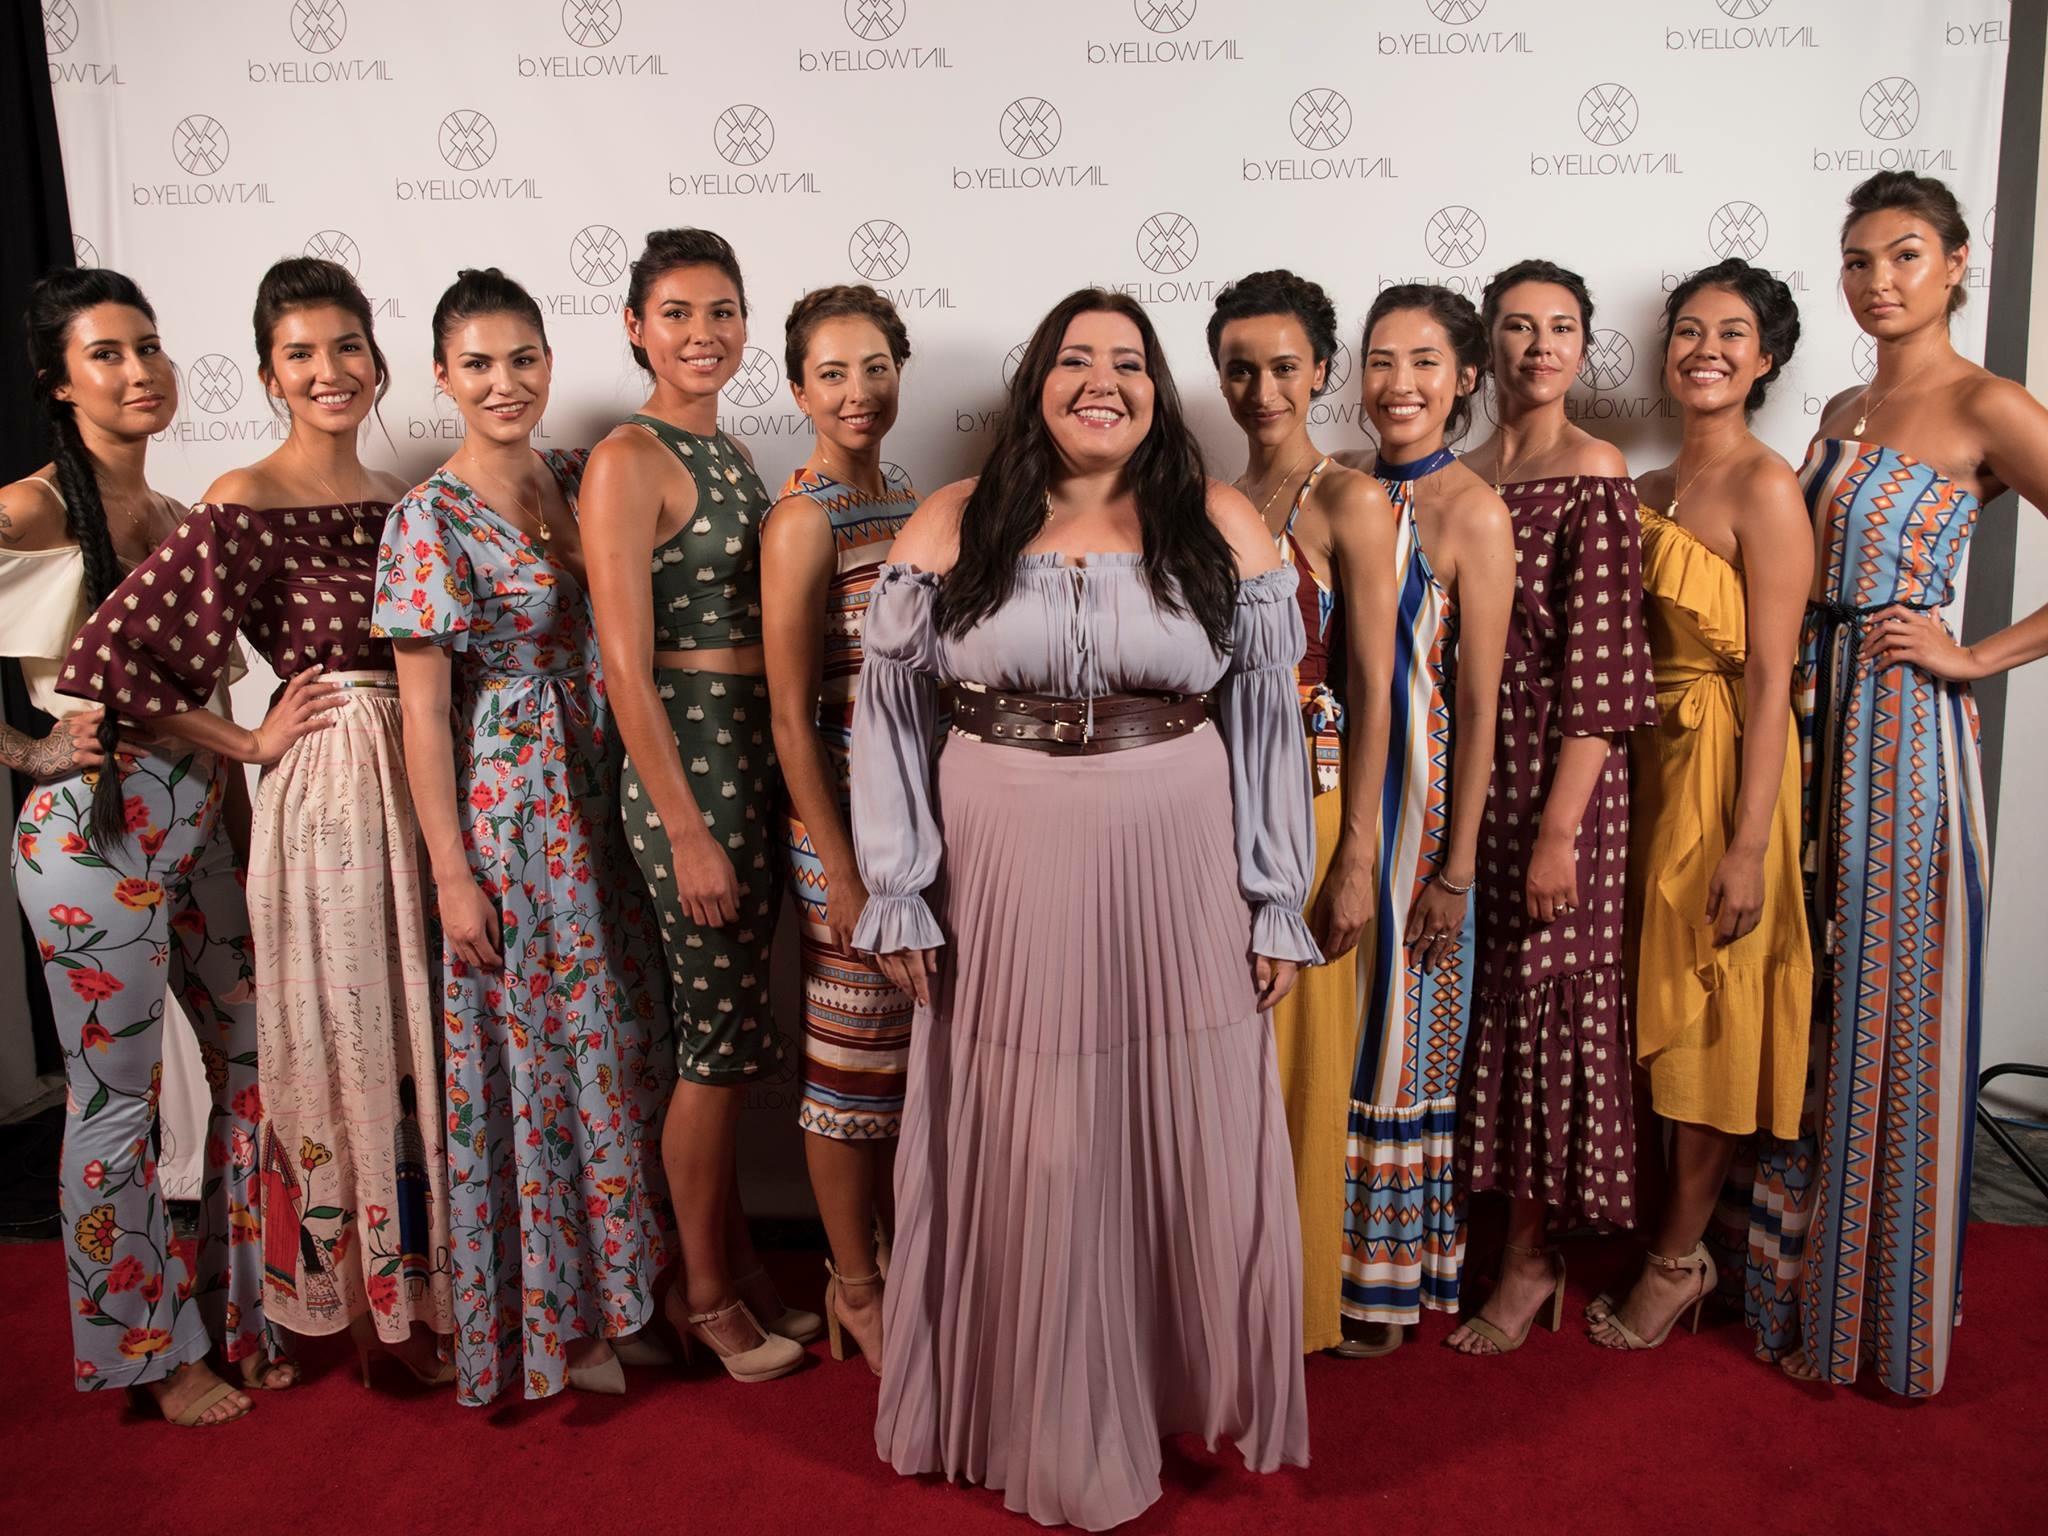 Bethany Yellowtail Fashion Show | Hollywood, California | 2017